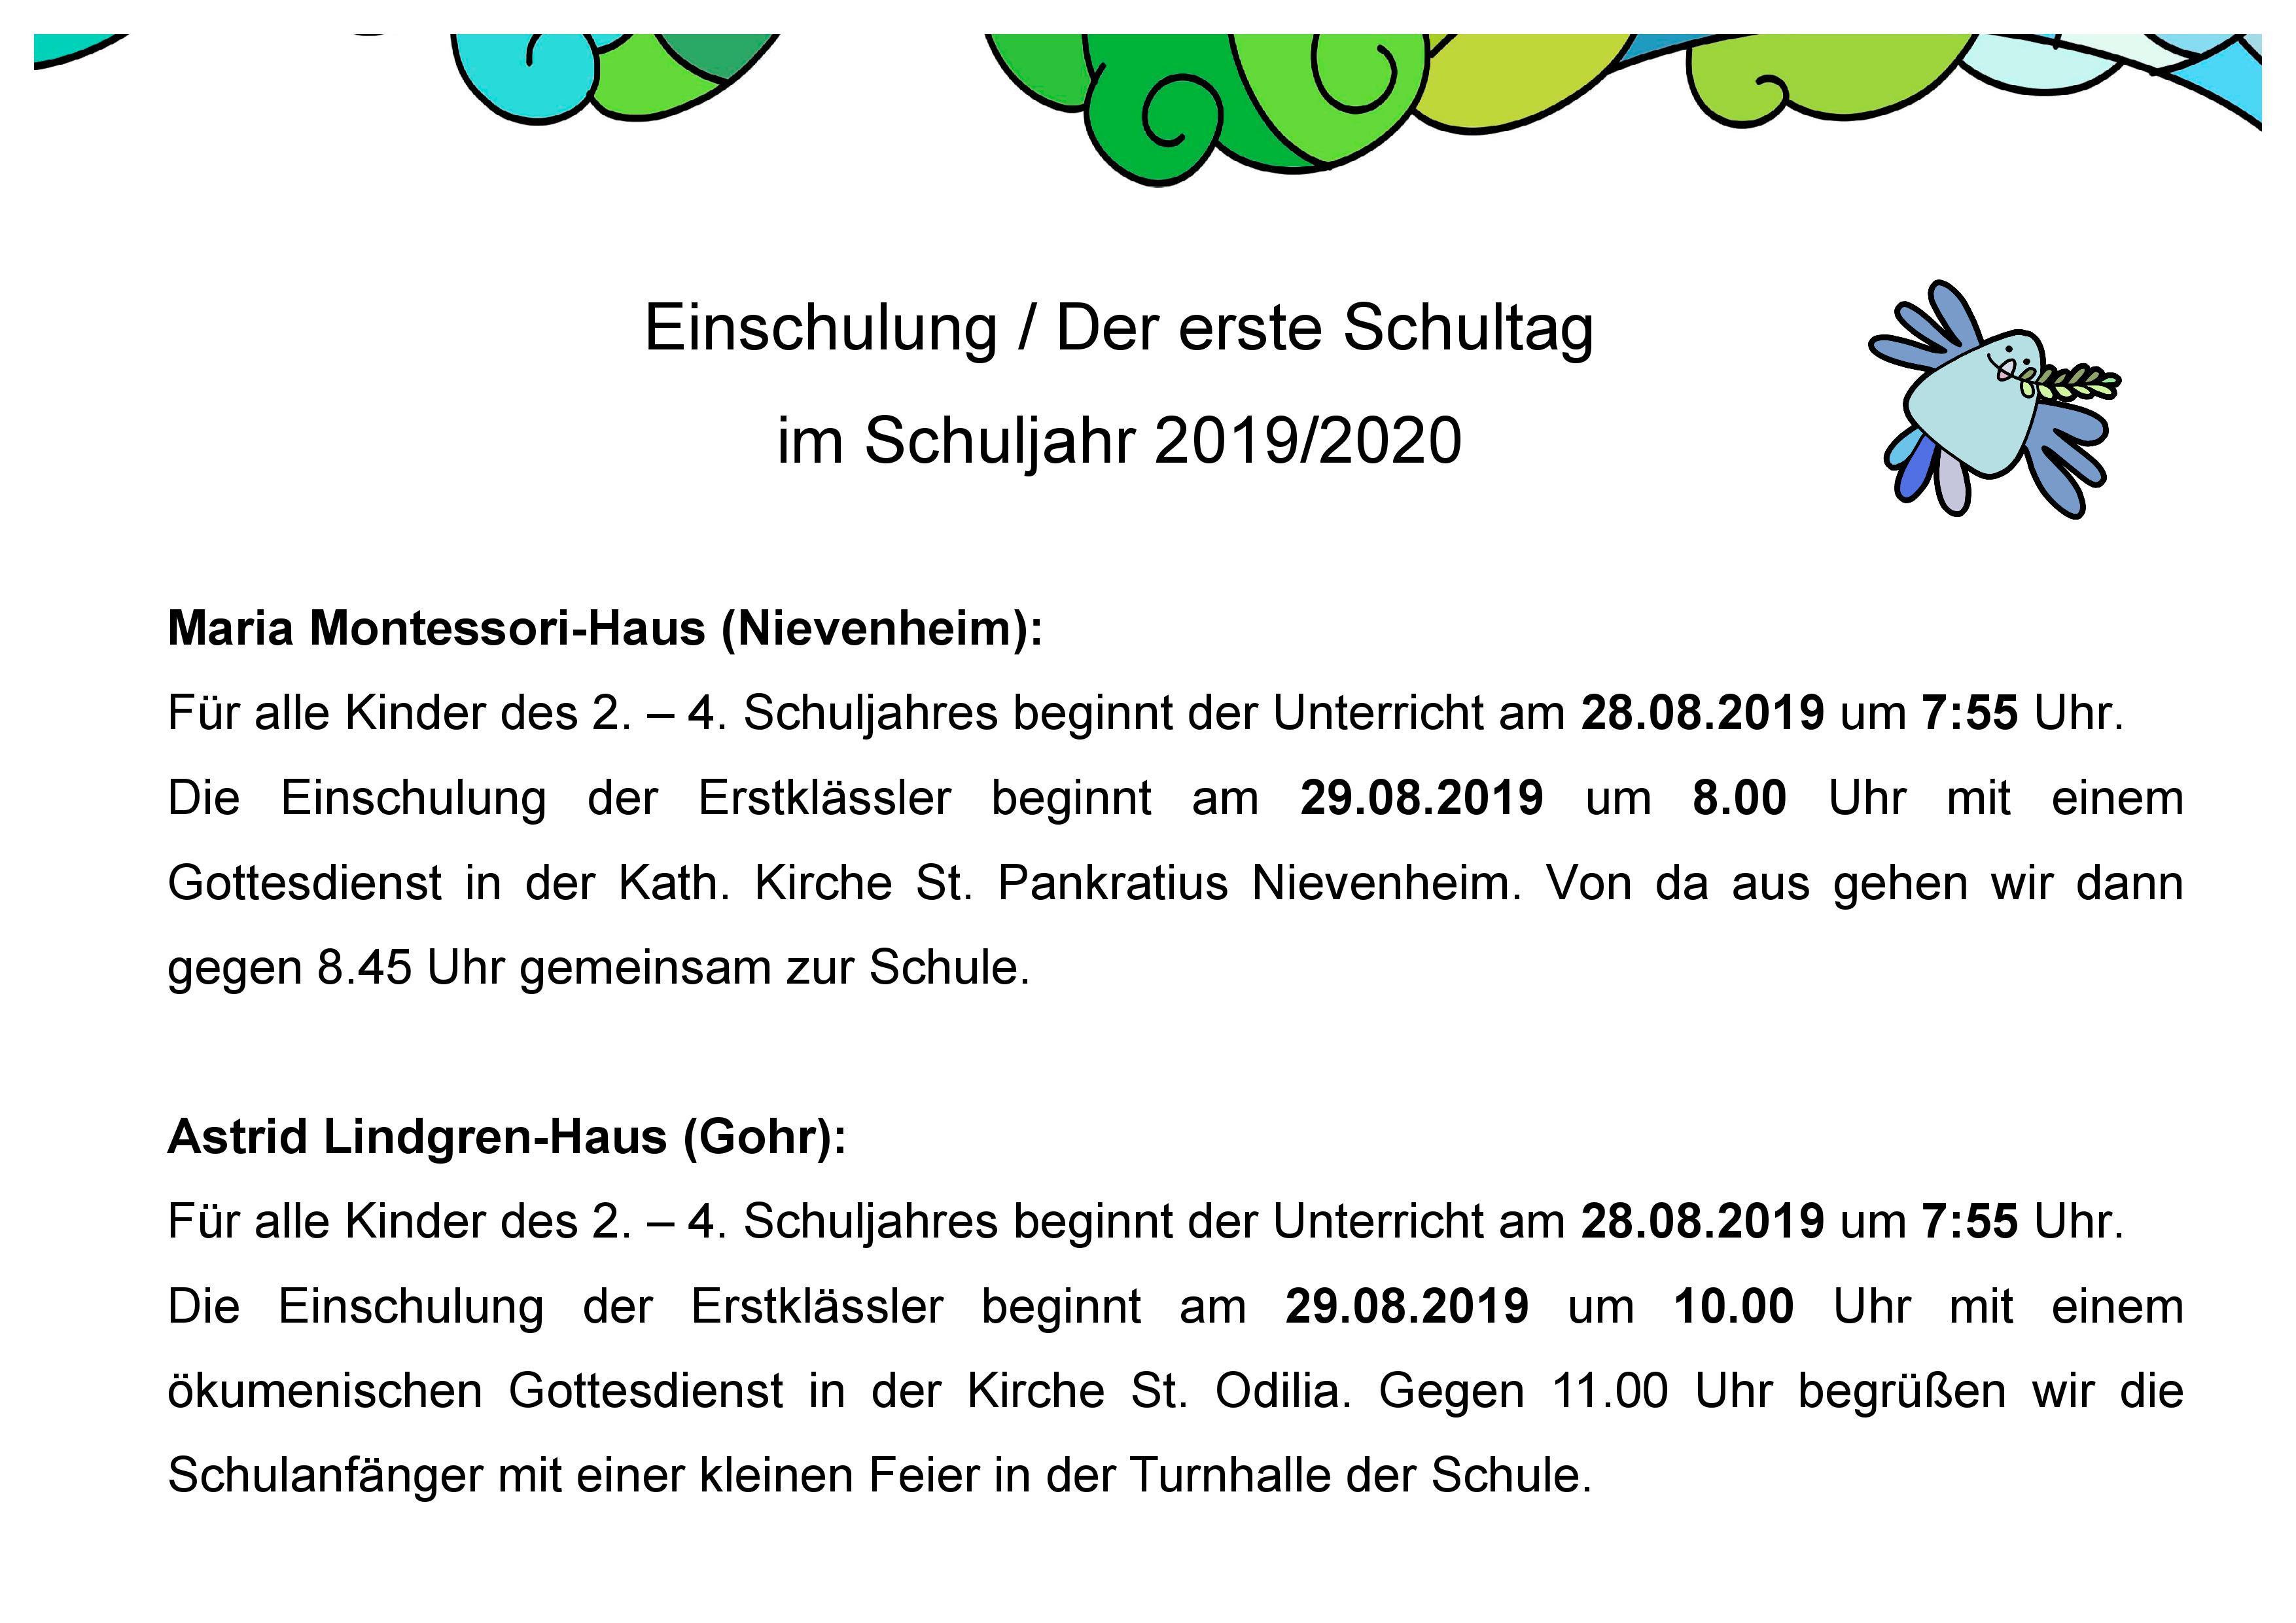 http://friedensschule.schulen-dormagen.de/wp-content/uploads/2019/06/0001.jpg